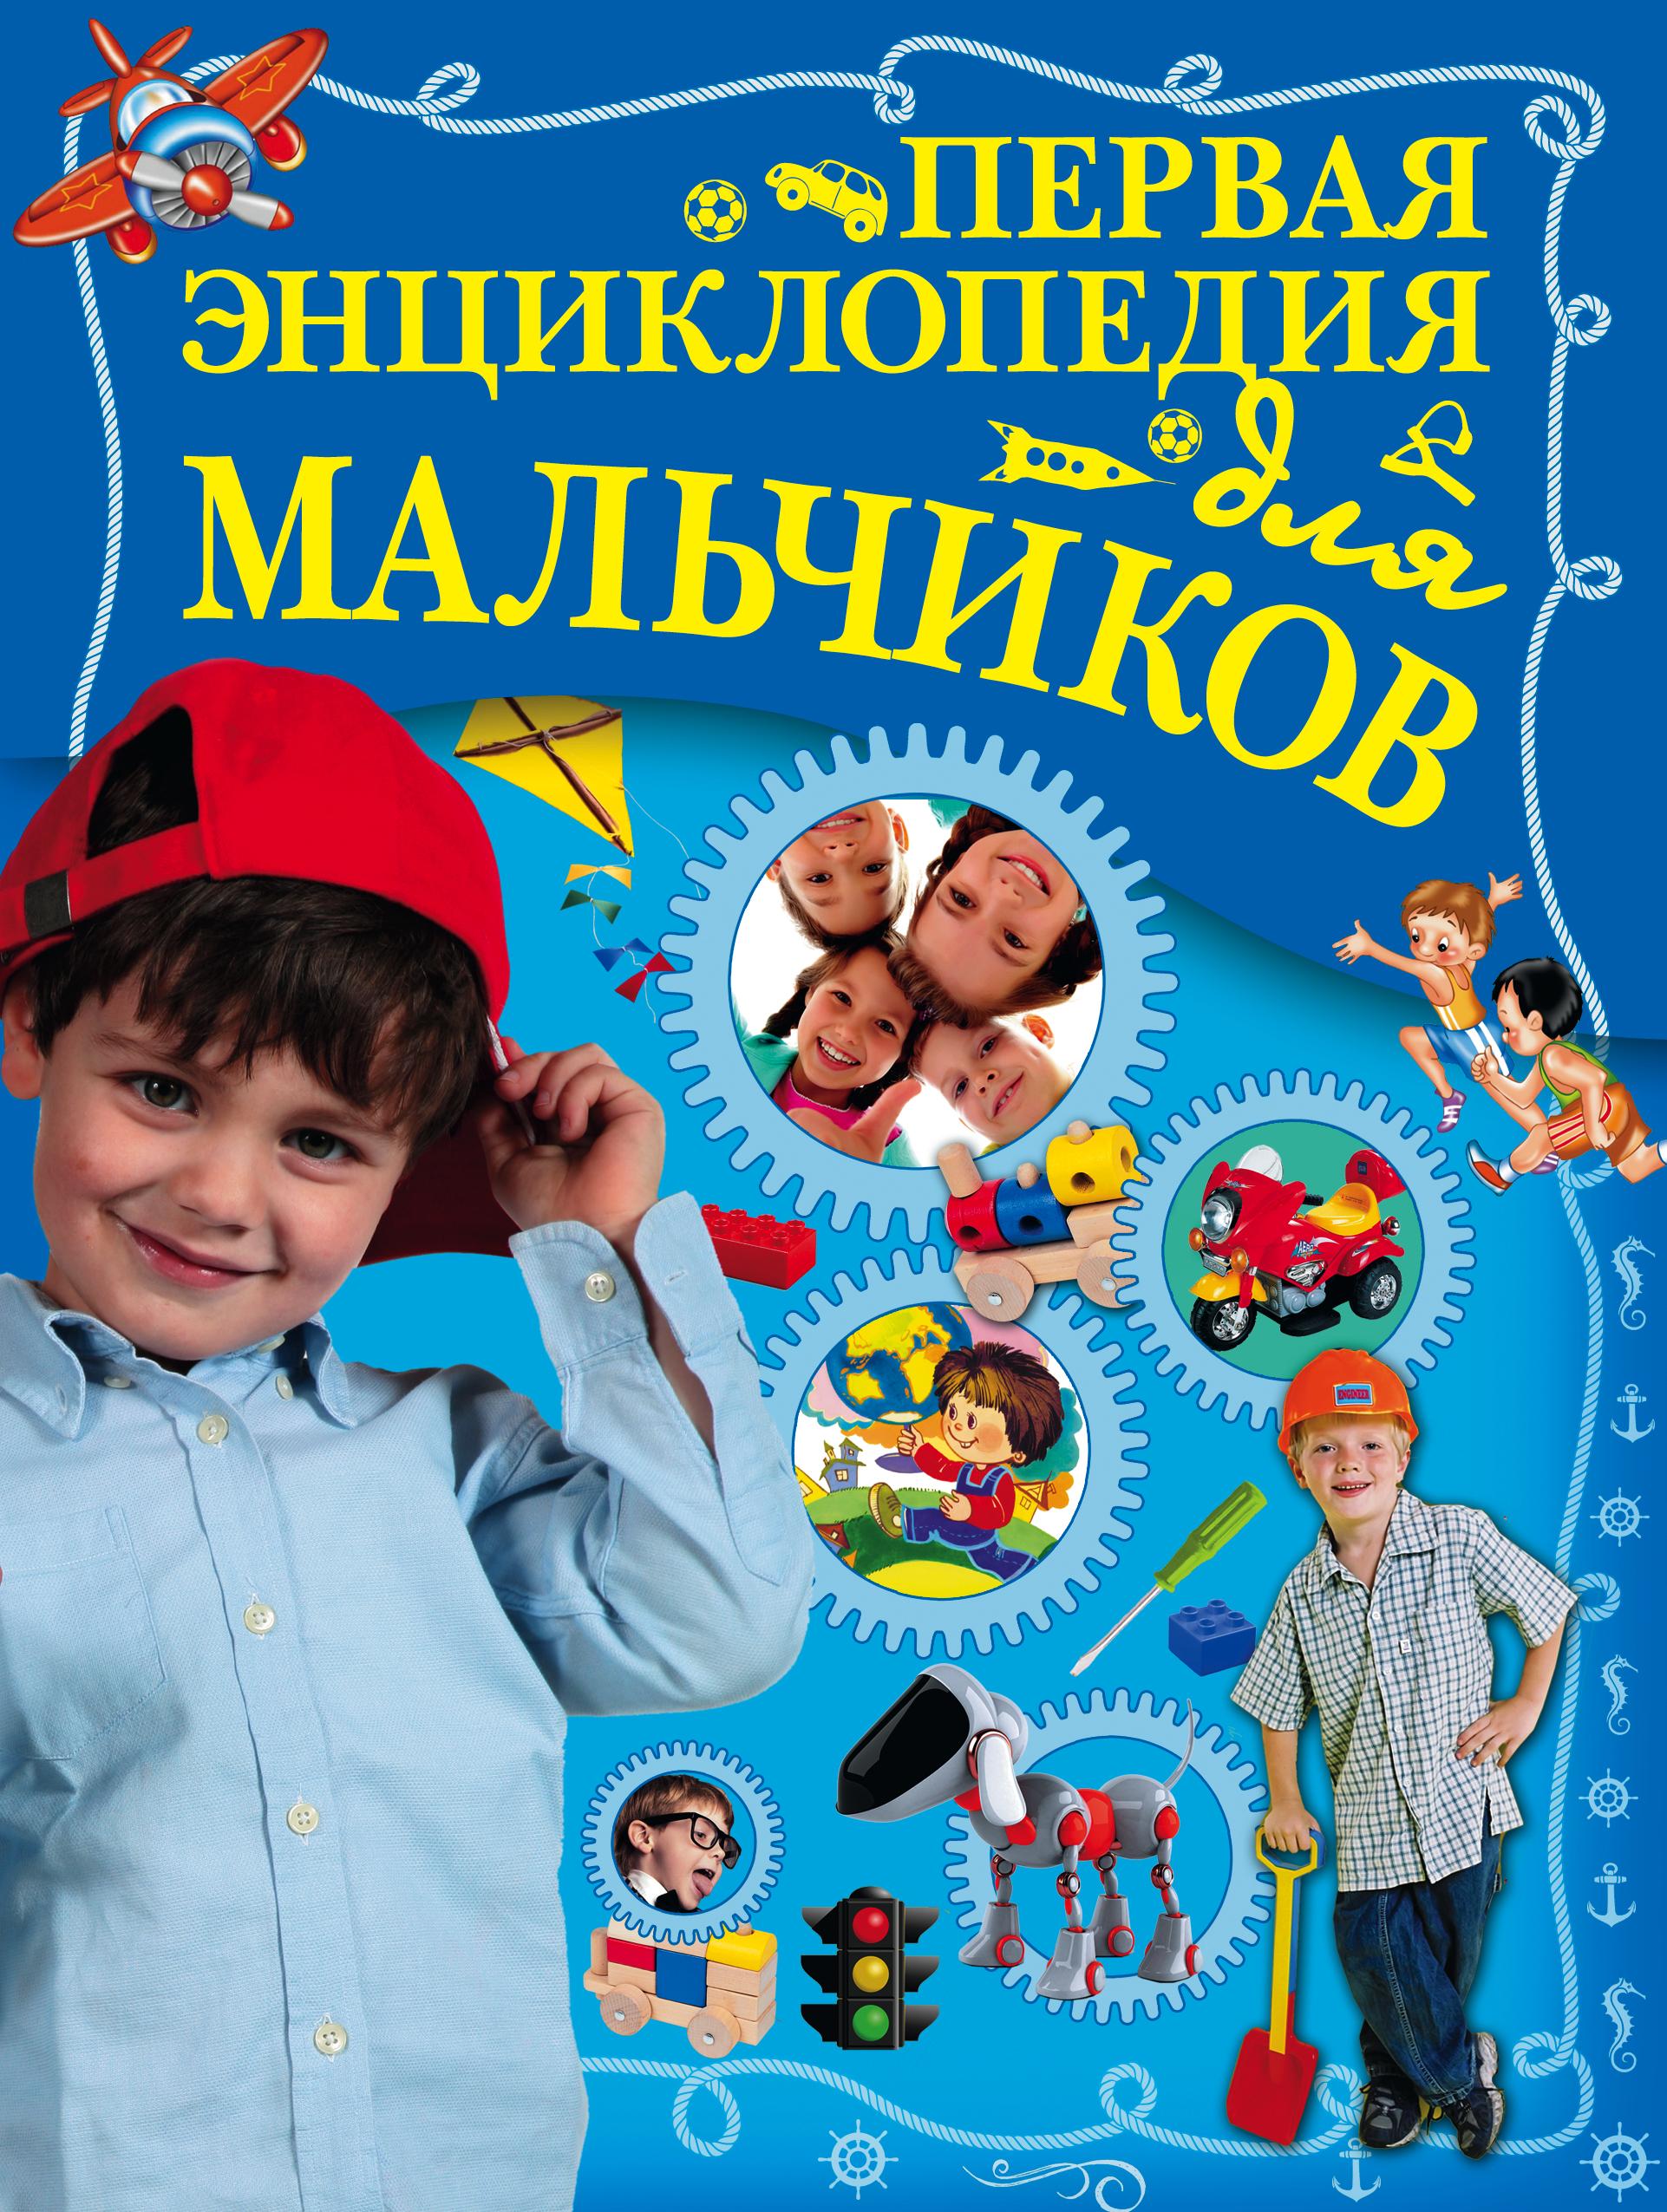 Ермакович Д.И. Первая энциклопедия для мальчиков